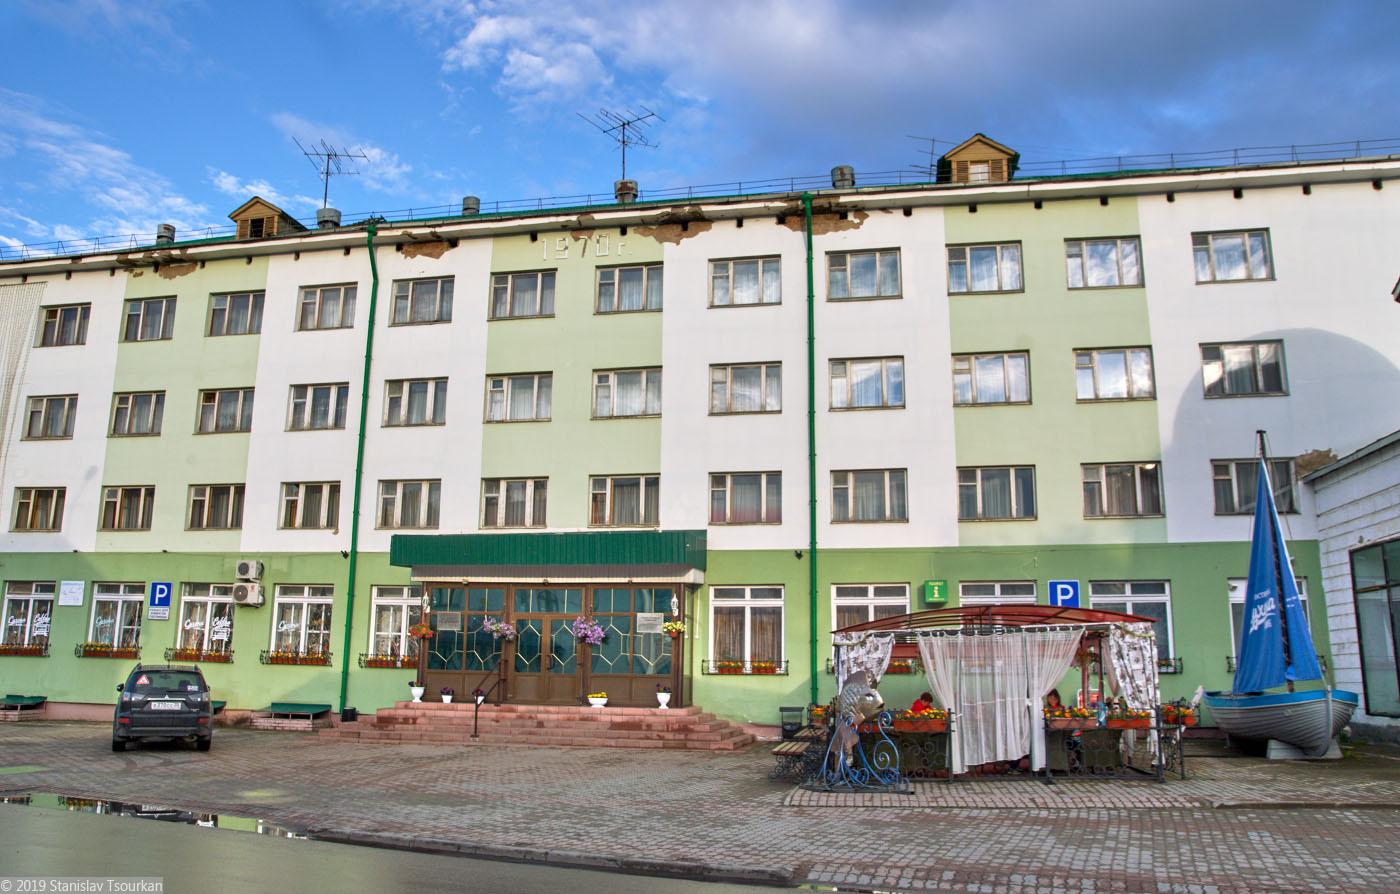 Володгодская область, Вологодчина, Великий устюг, Русский север, гостиница Сухона